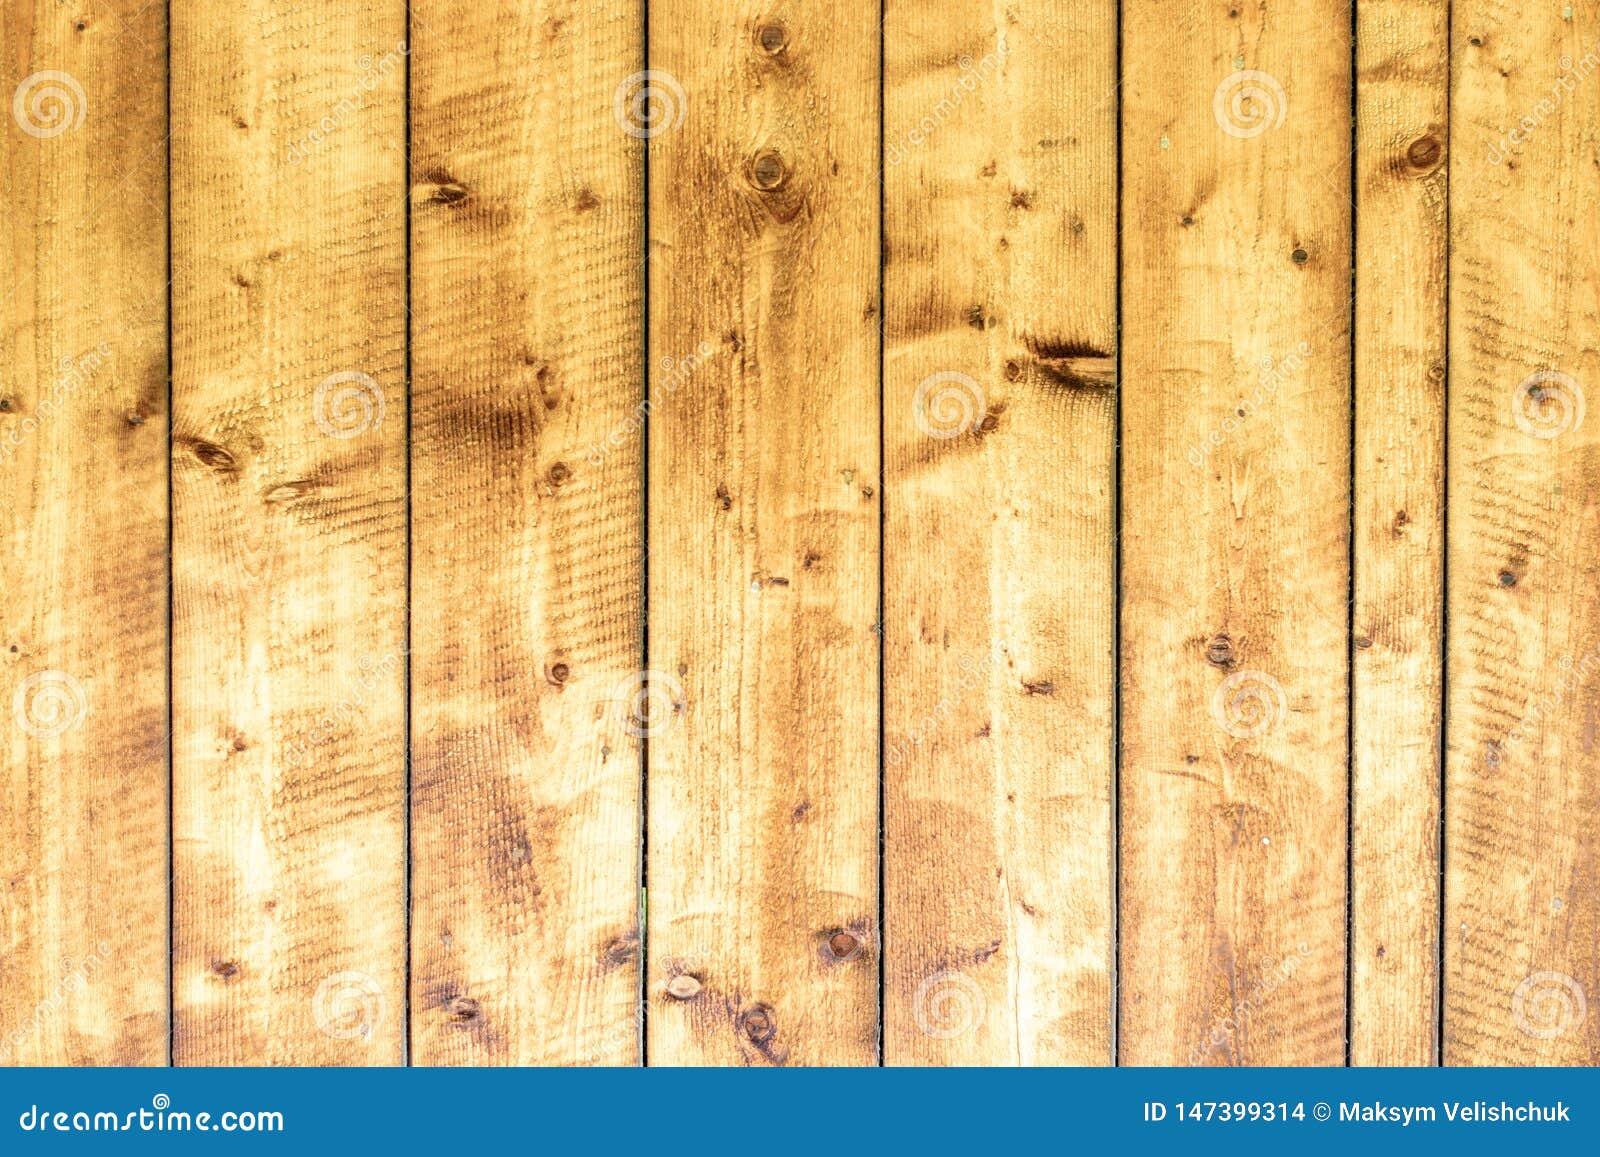 Παλαιός αγροτικός ξύλινος τοίχος, λεπτομερής σύσταση φωτογραφιών